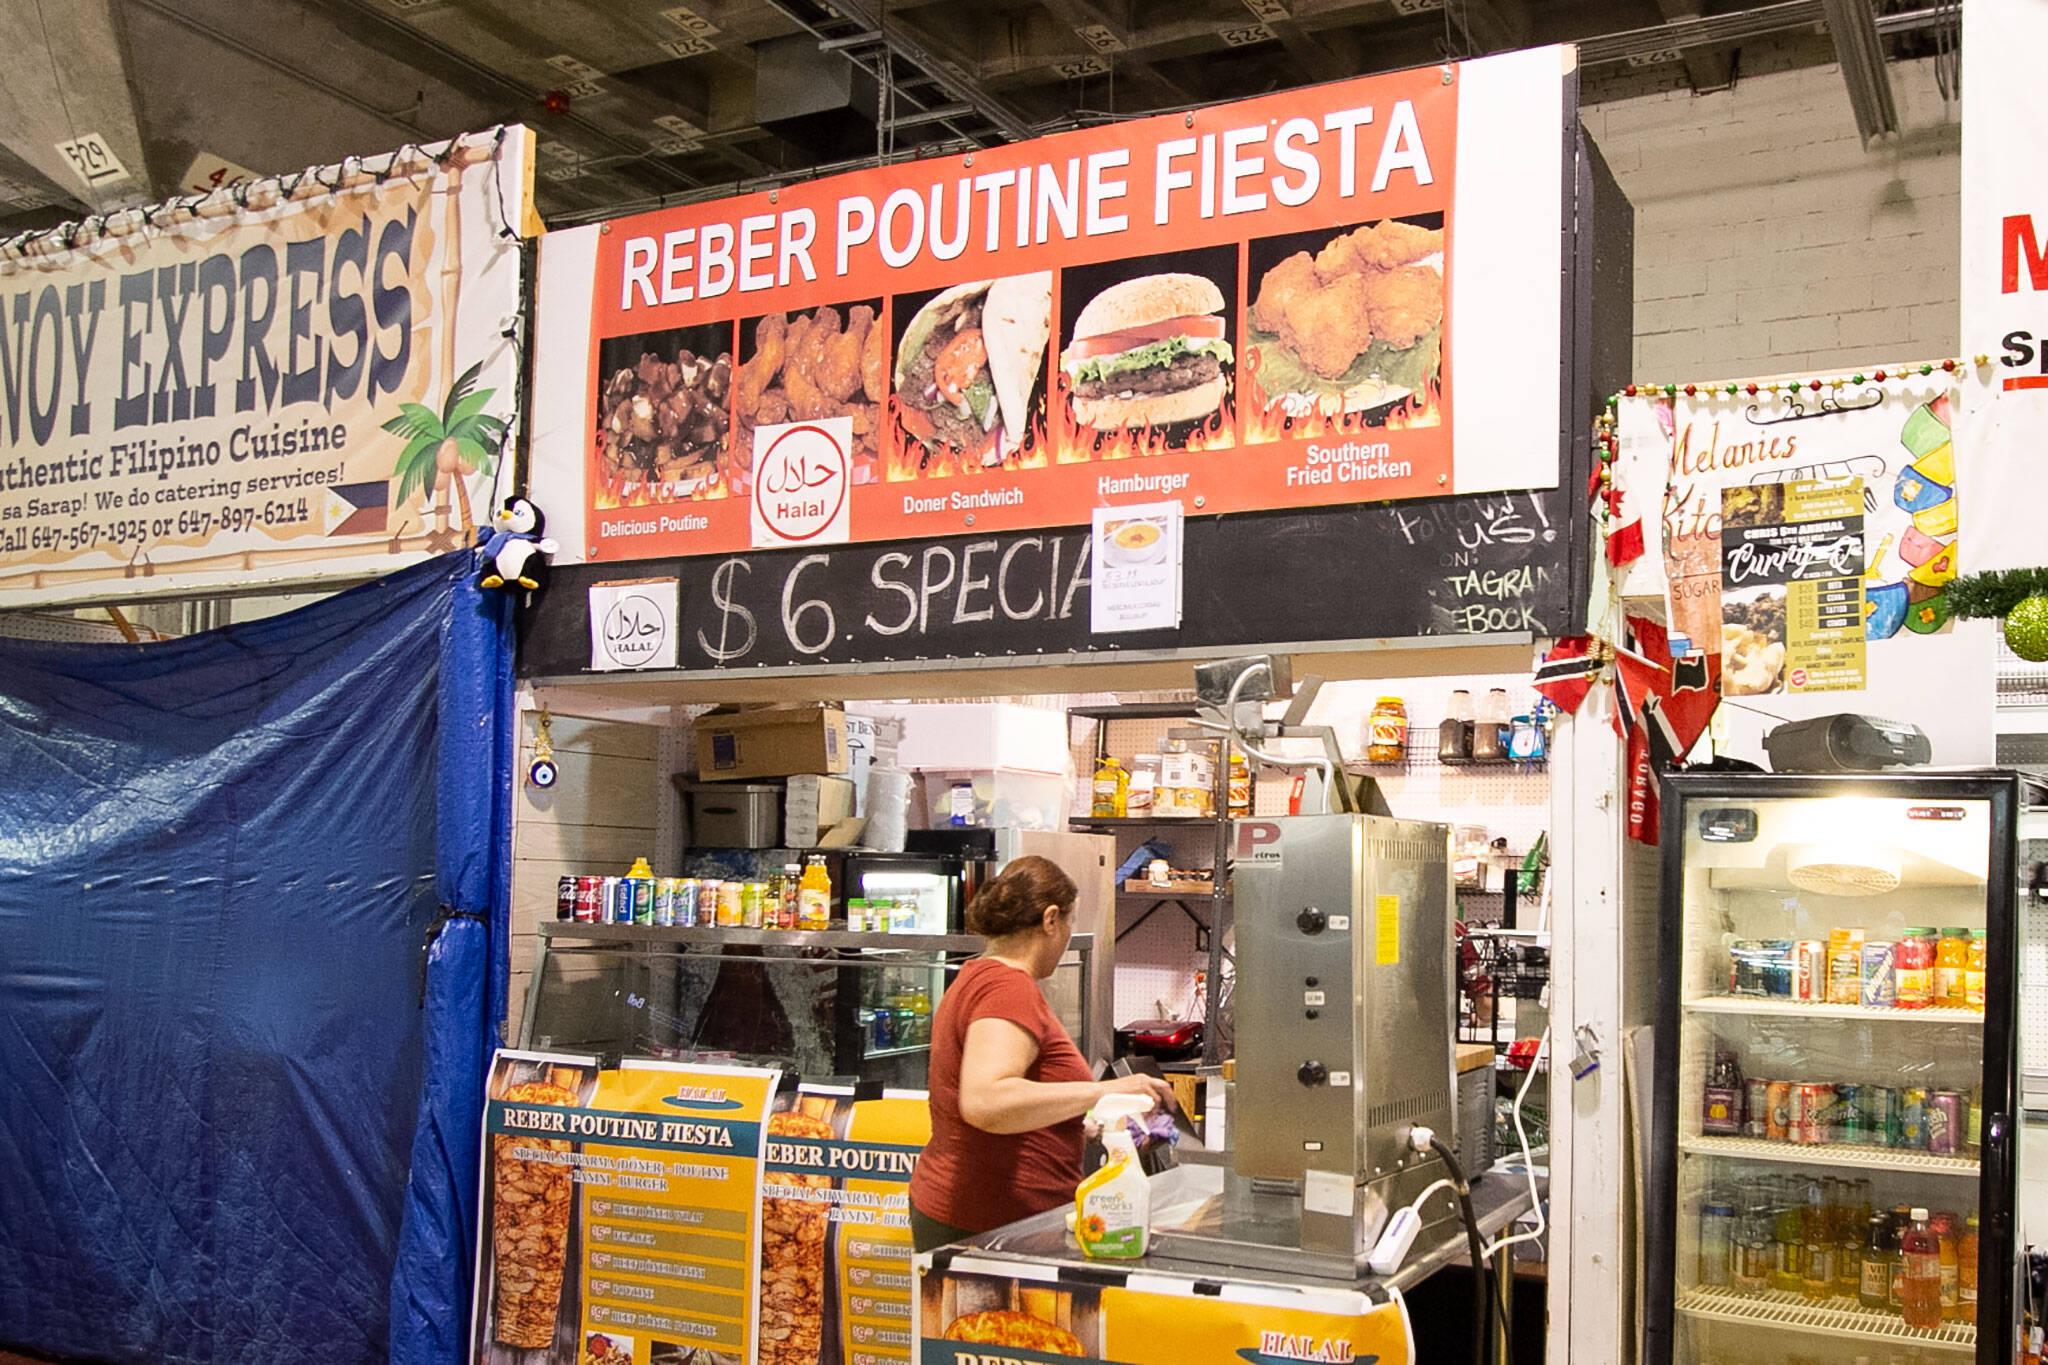 Reber Poutine Fiesta